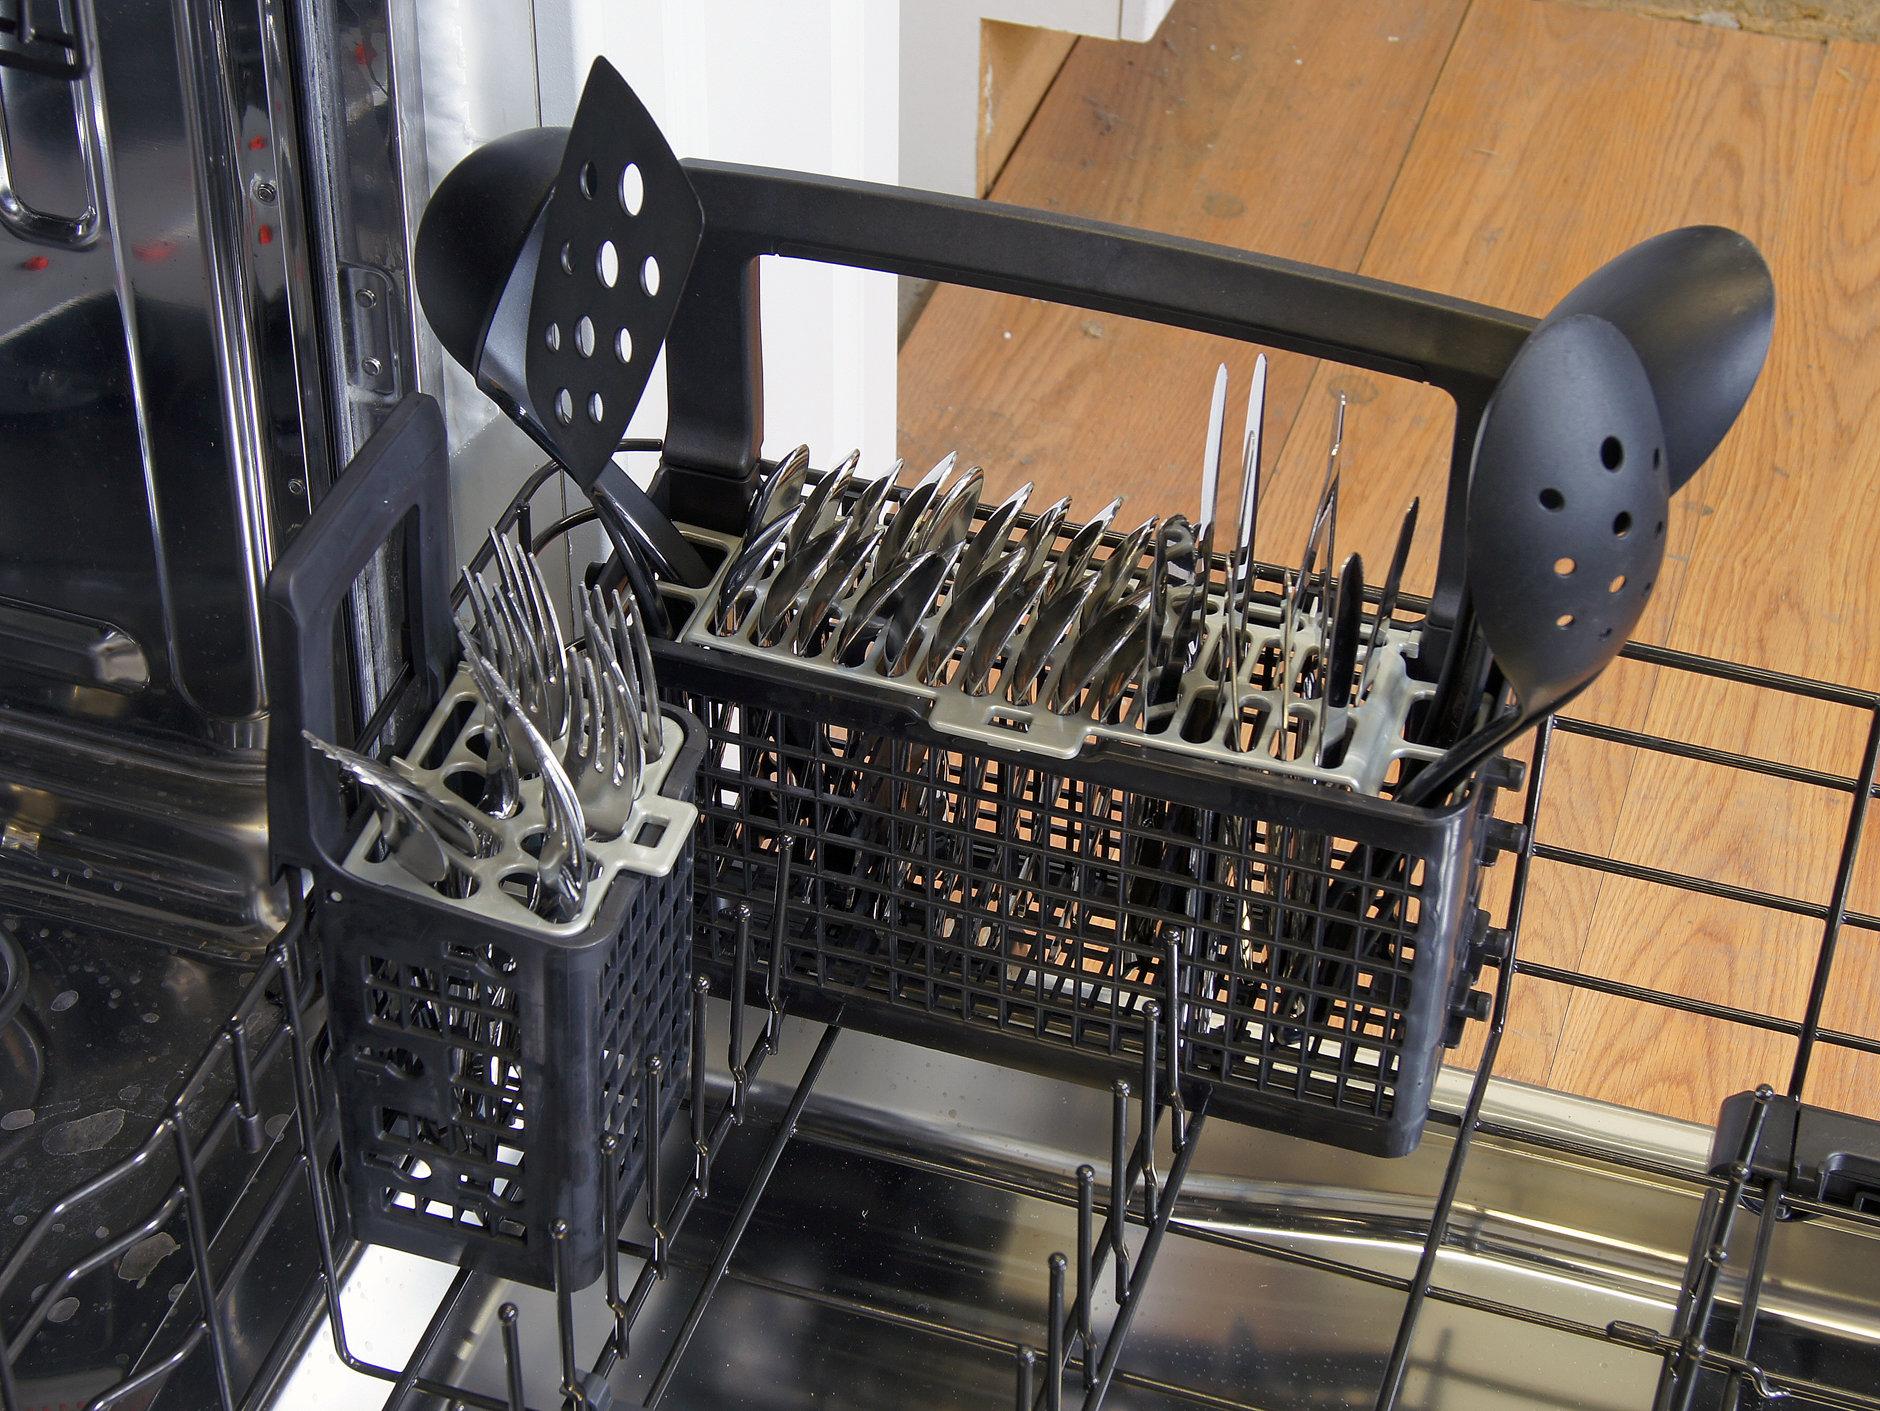 GE Cafe CDT725SSFSS cutlery basket loaded with silverware